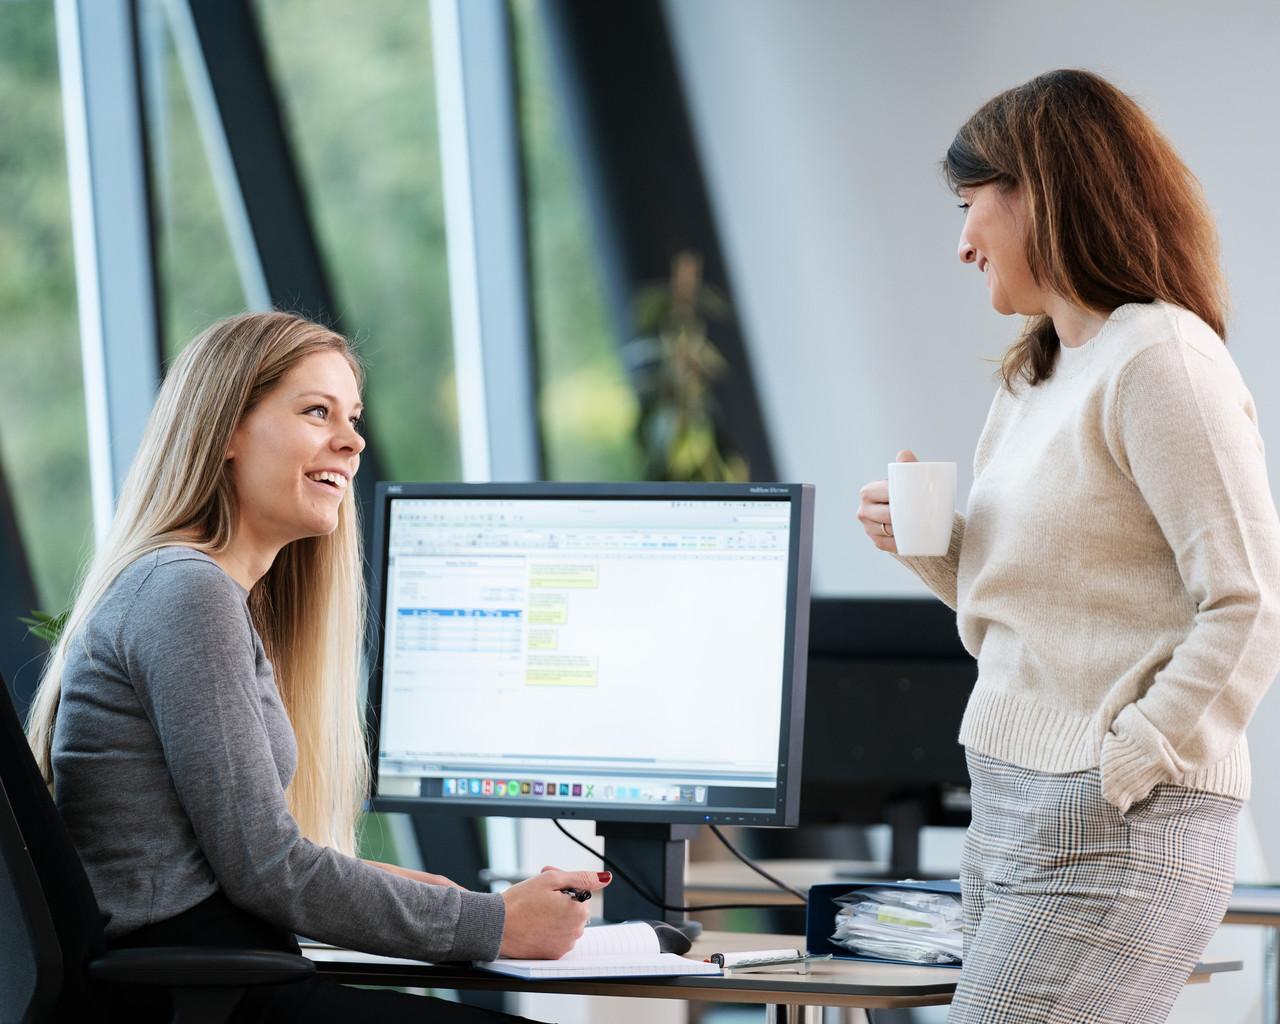 Wijs als accountant uw cliënten op de waarde in de details